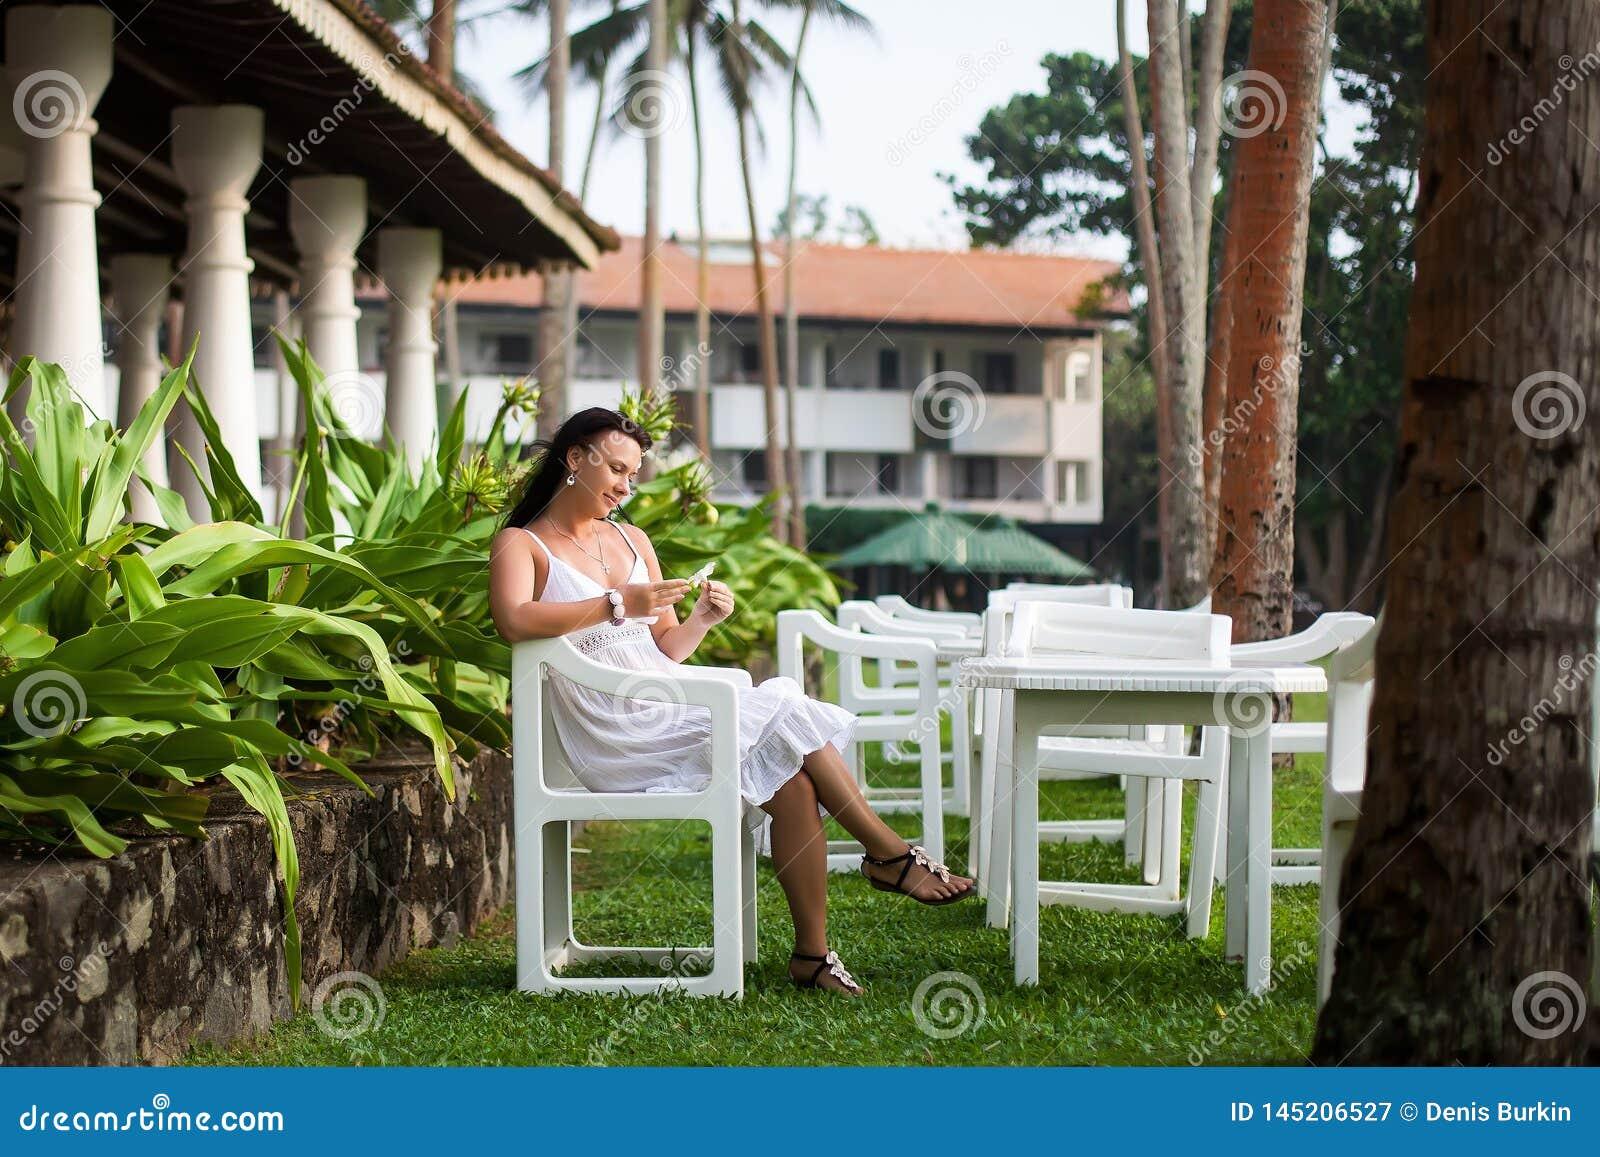 Dziewczyna odpoczywa na gazonie panna m?oda na miesi?cu miodowym Hotelowy terytorium Relaksu teren zielonego gazonu siedz?ca kobi